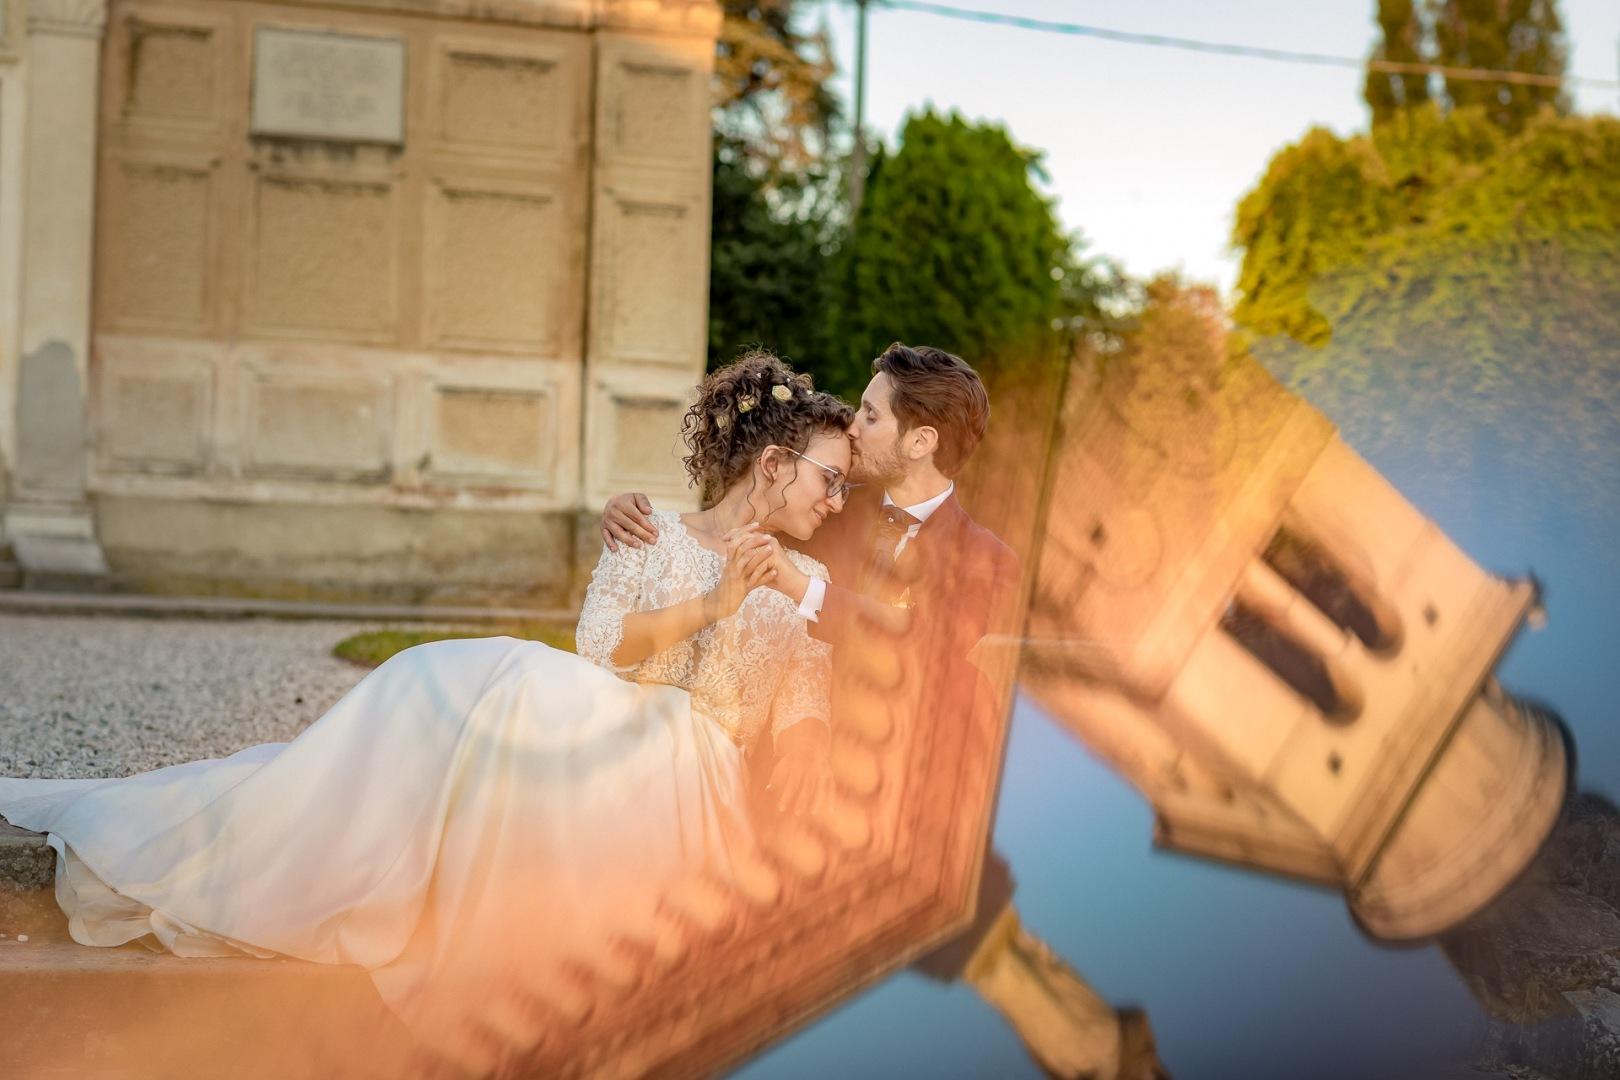 nicola-da-lio-wedding-photographer-venezia-treviso-padova-veneto-italia-139